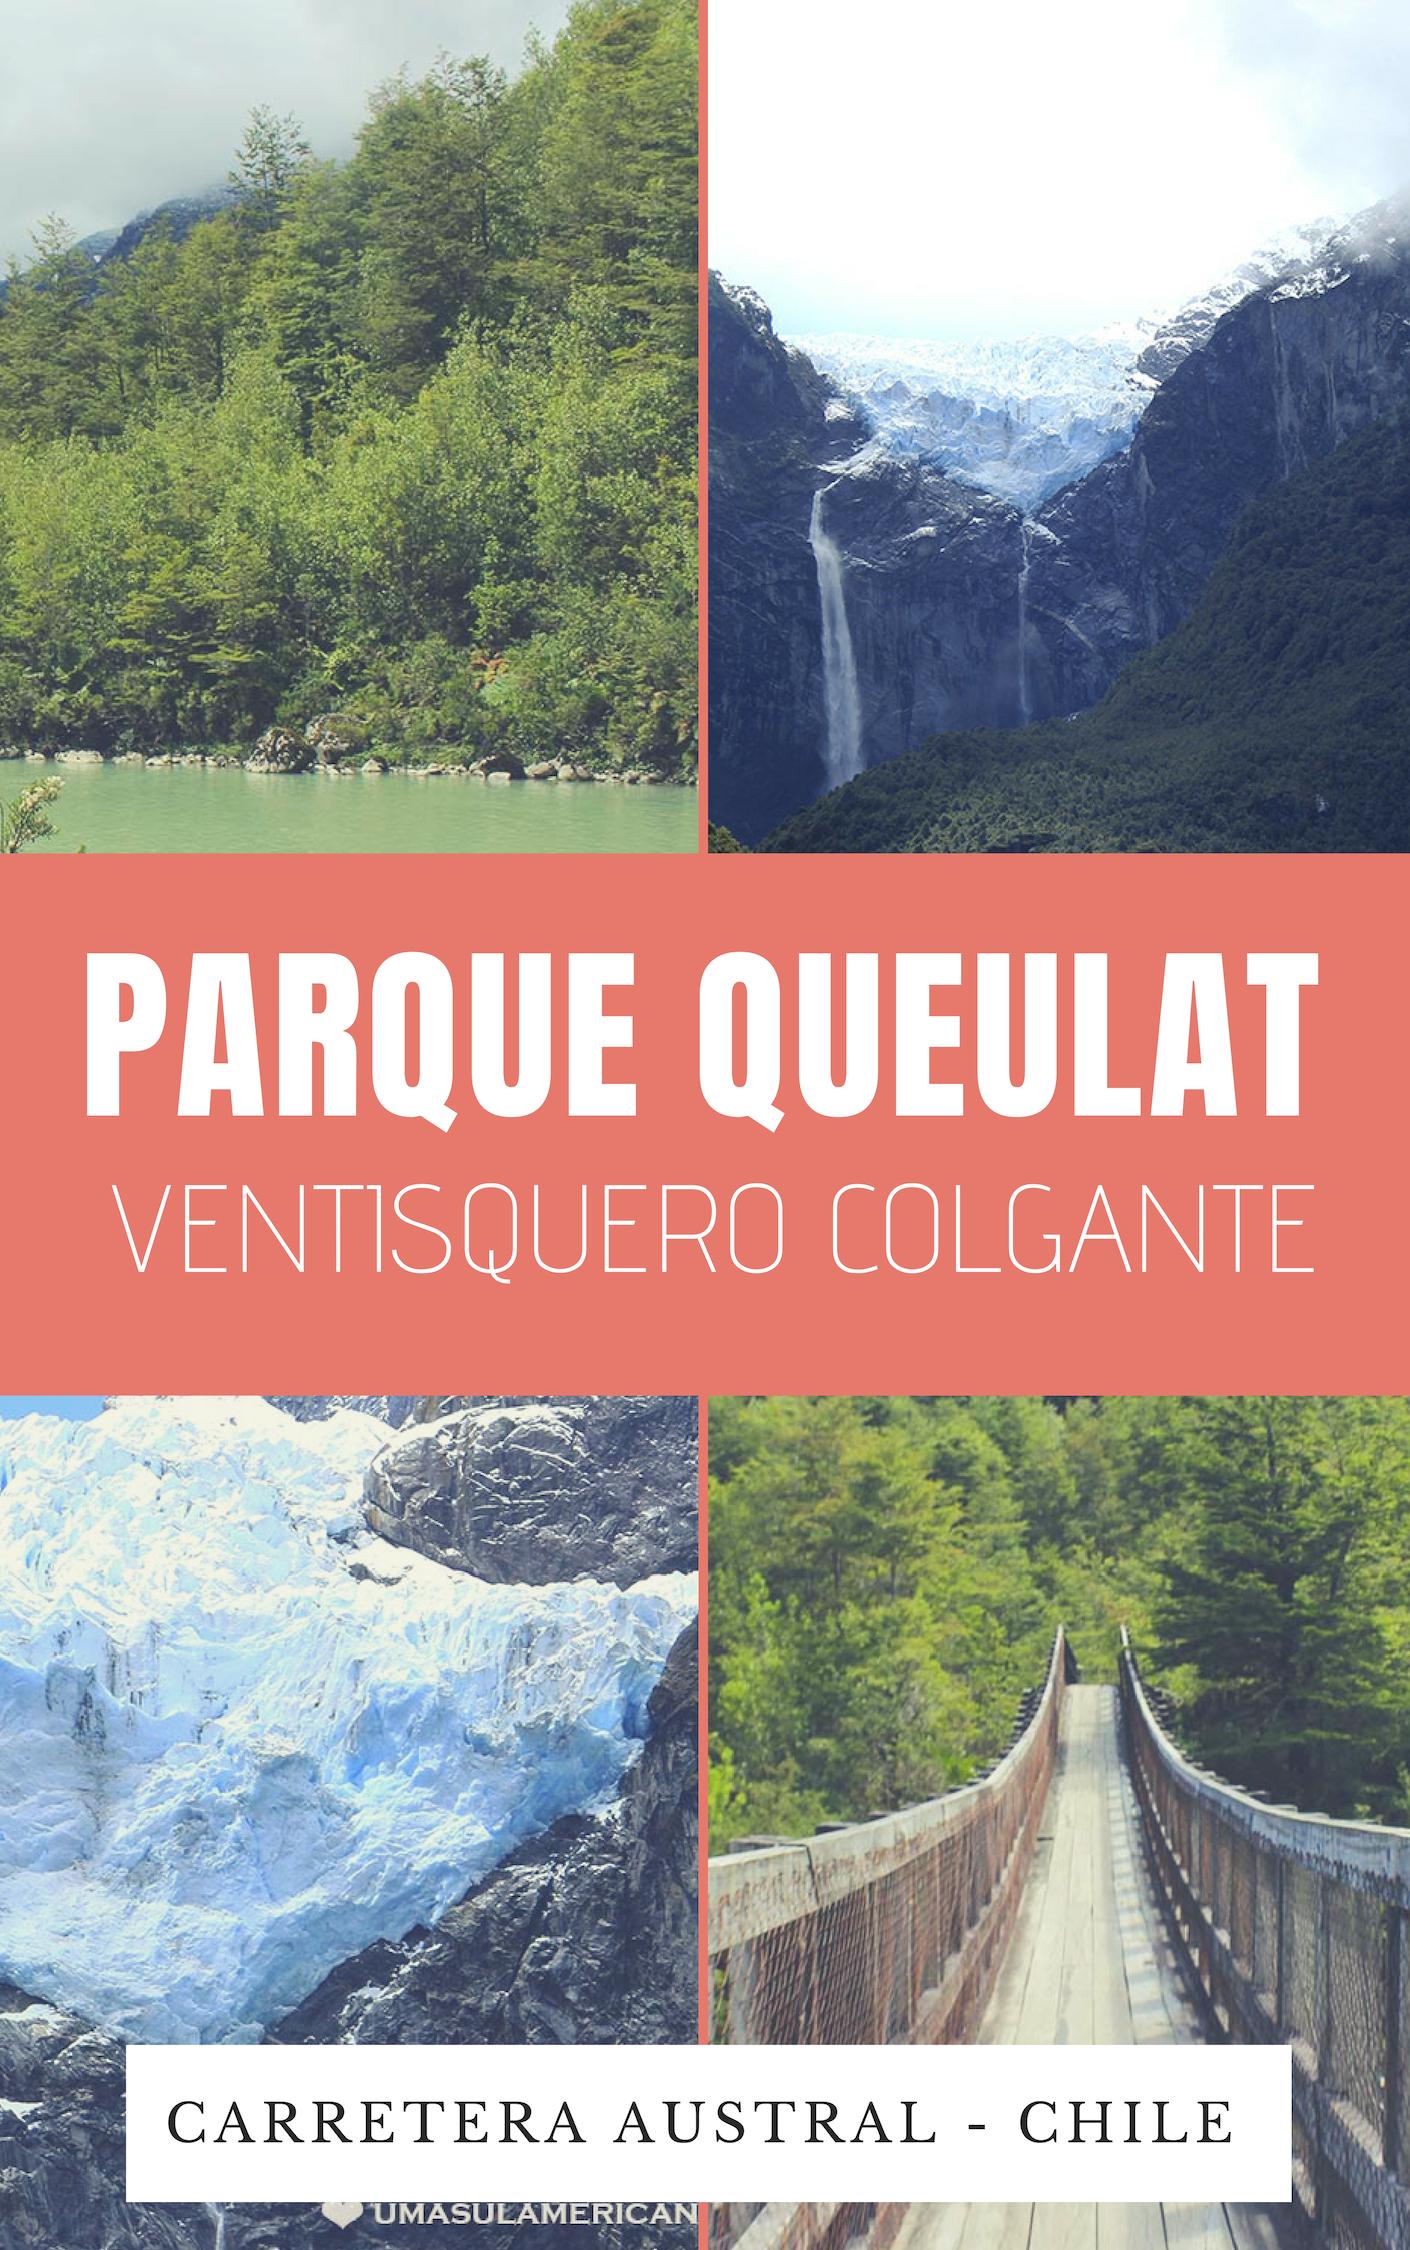 Parque Nacional Queulat e o Ventisquero Colgante, no Sul do Chile, na Carretera Austral - Patagônia chilena